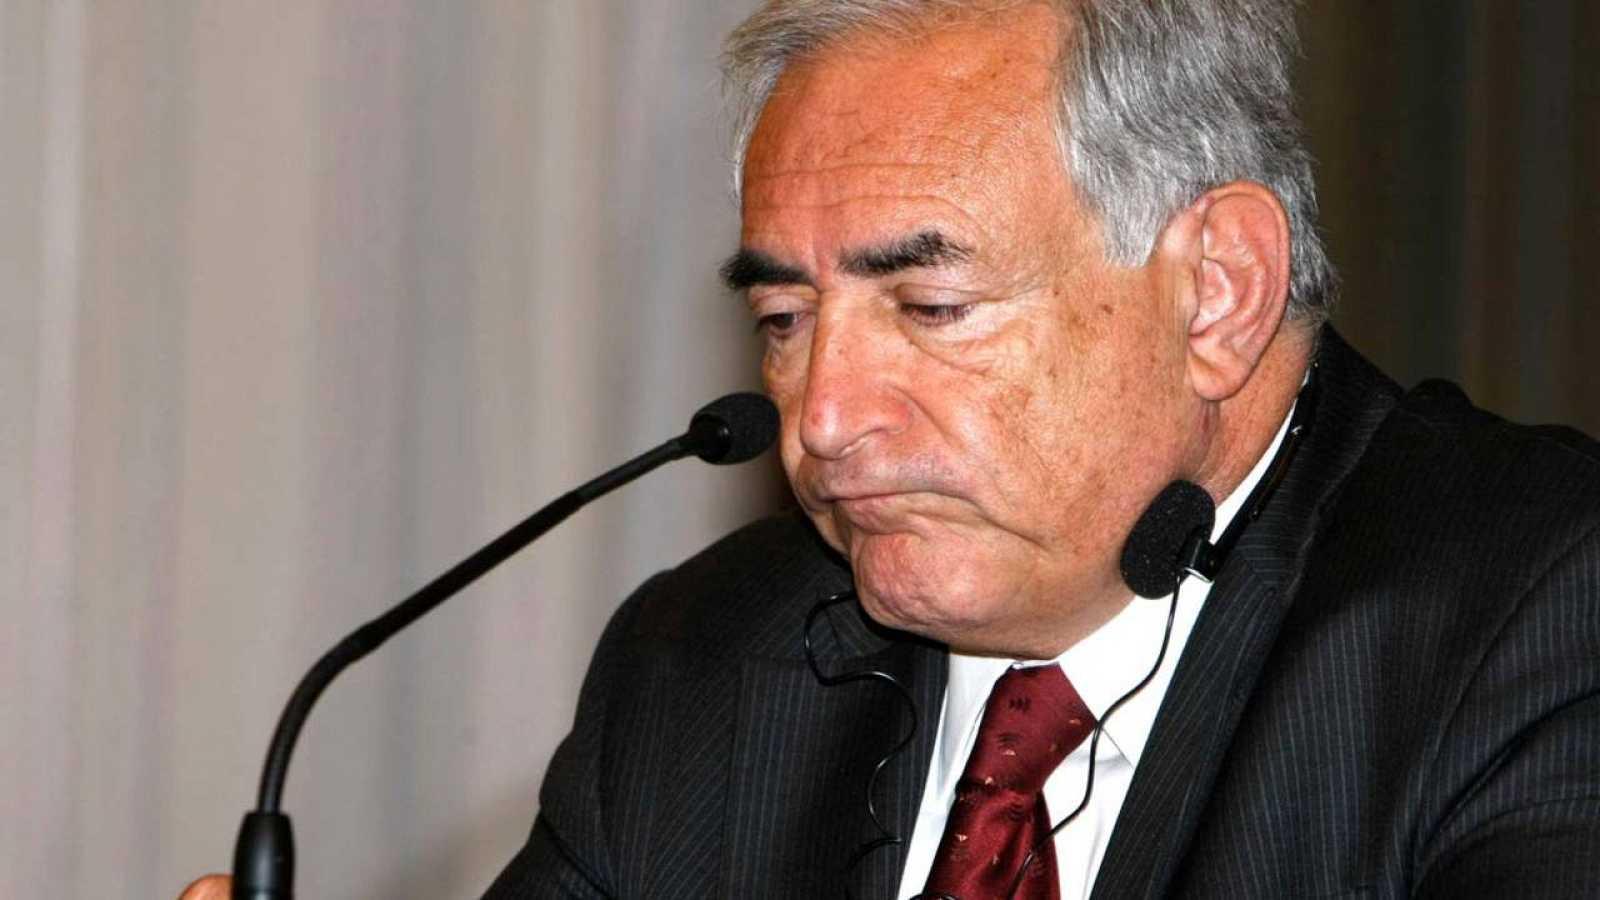 El exdirector gerente del FMI Dominique Strauss-Kahn, durante una rueda de prensa en Madrid